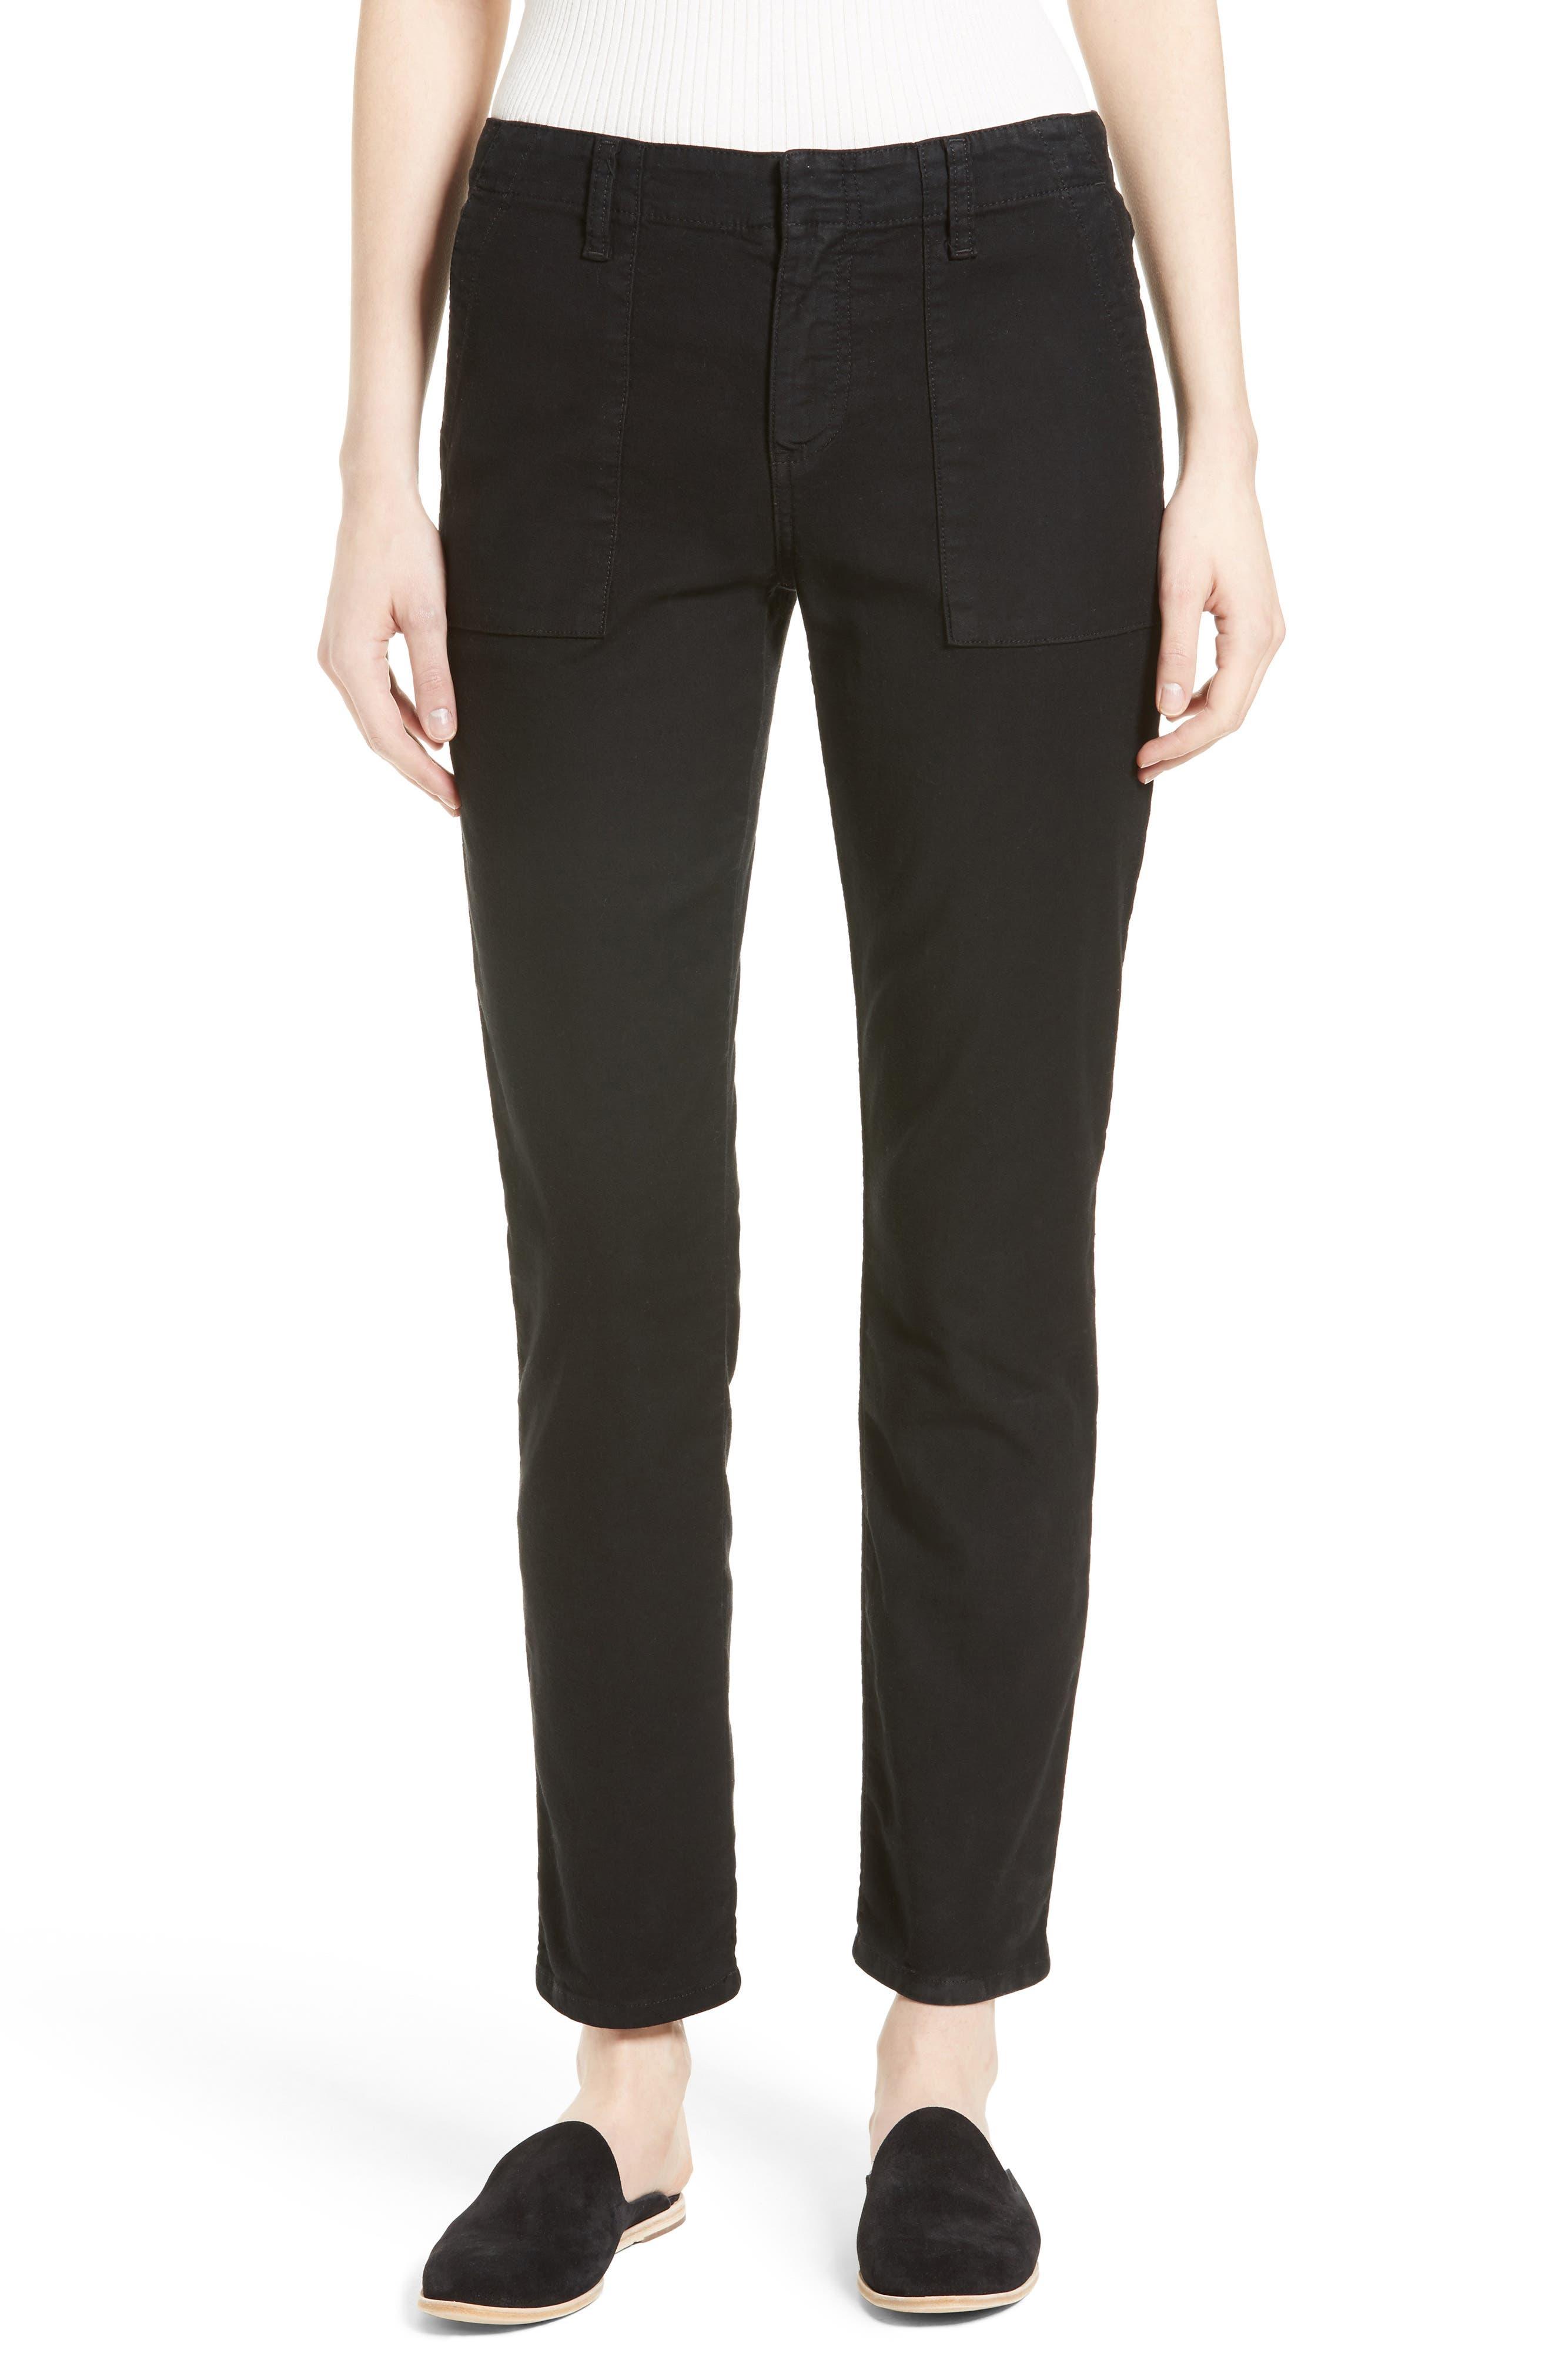 Painter Cotton & Linen Pants,                         Main,                         color,